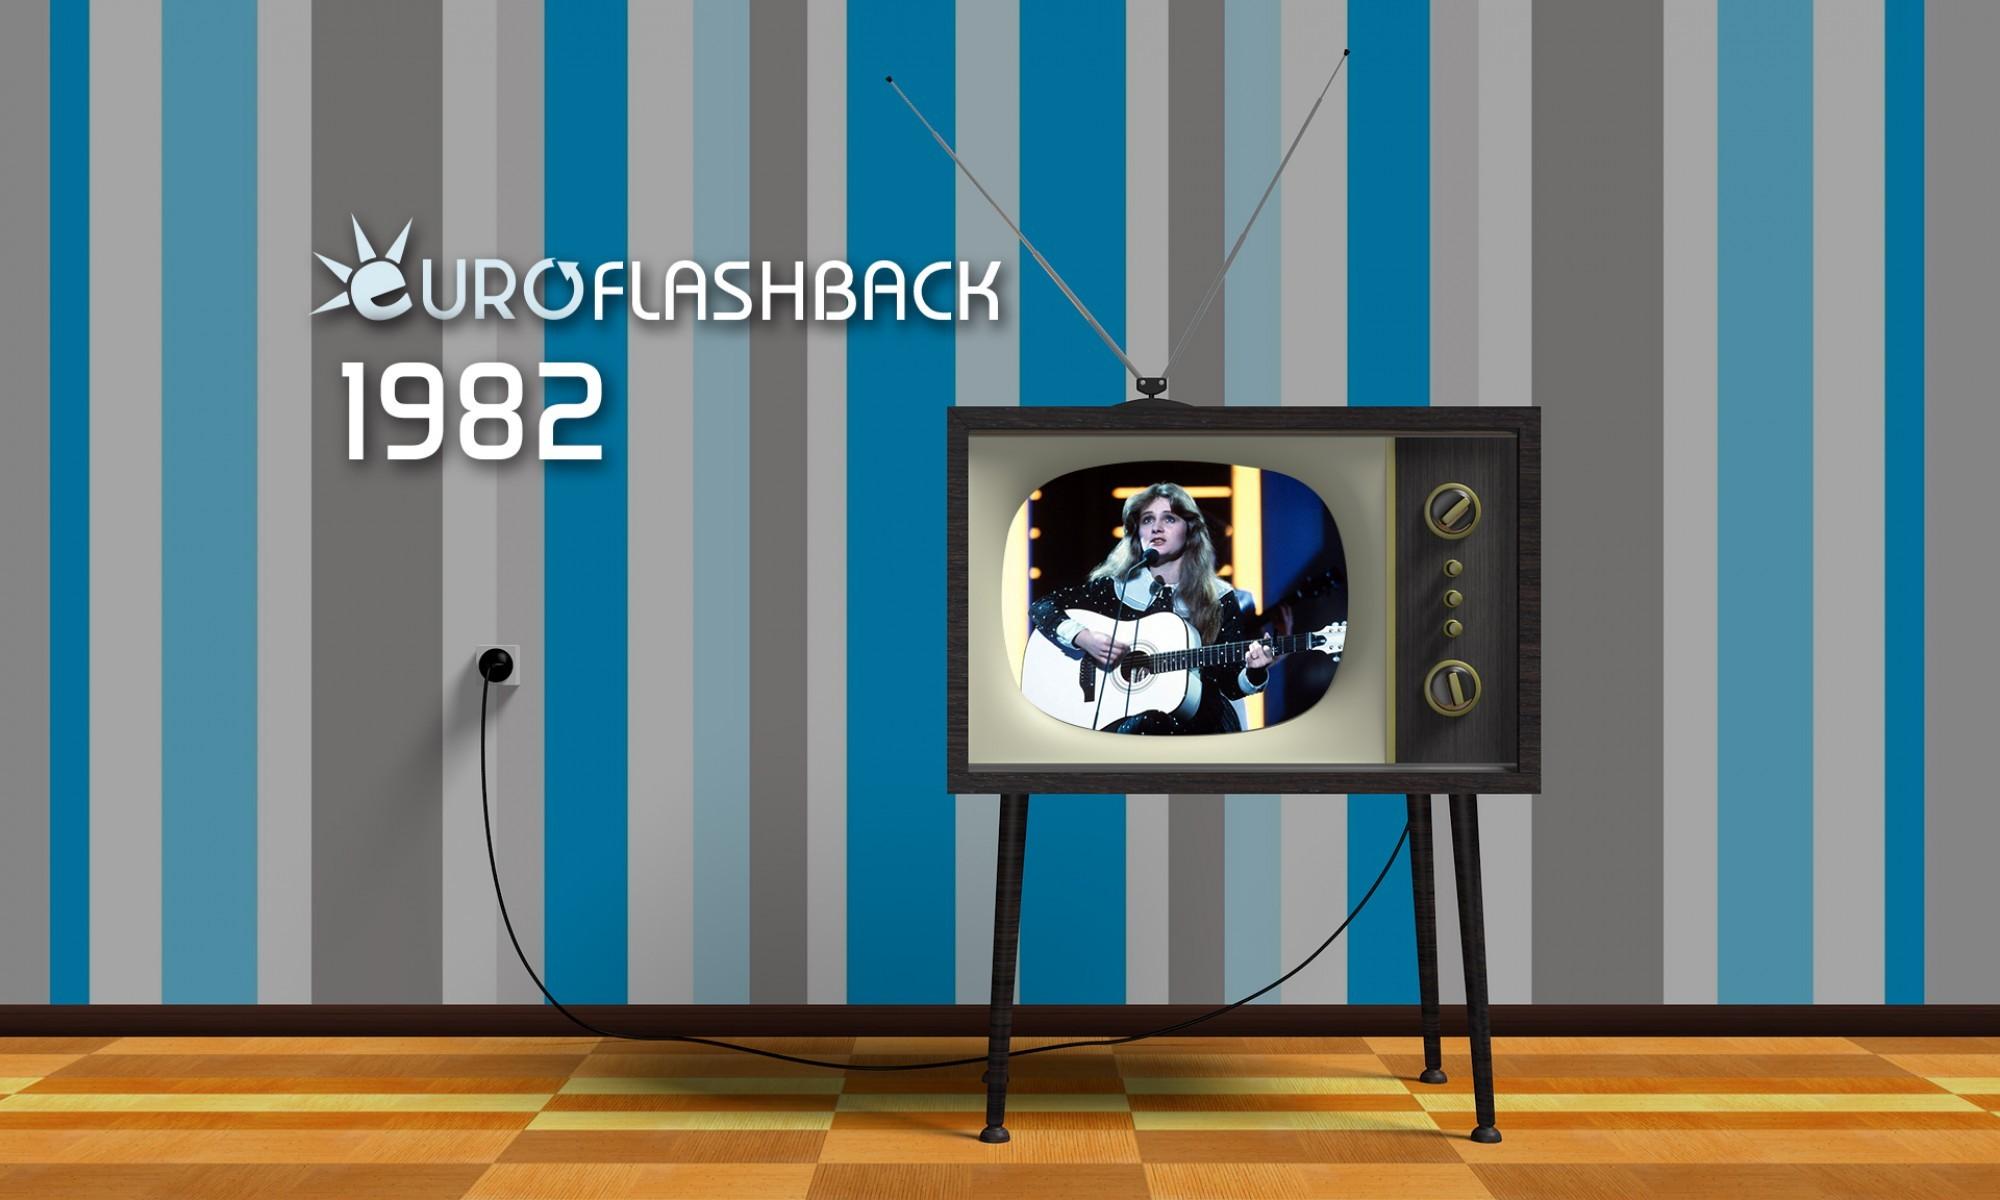 Euroflashback 1982 Cuando Alemania marc³ su primer gol cantando a la paz